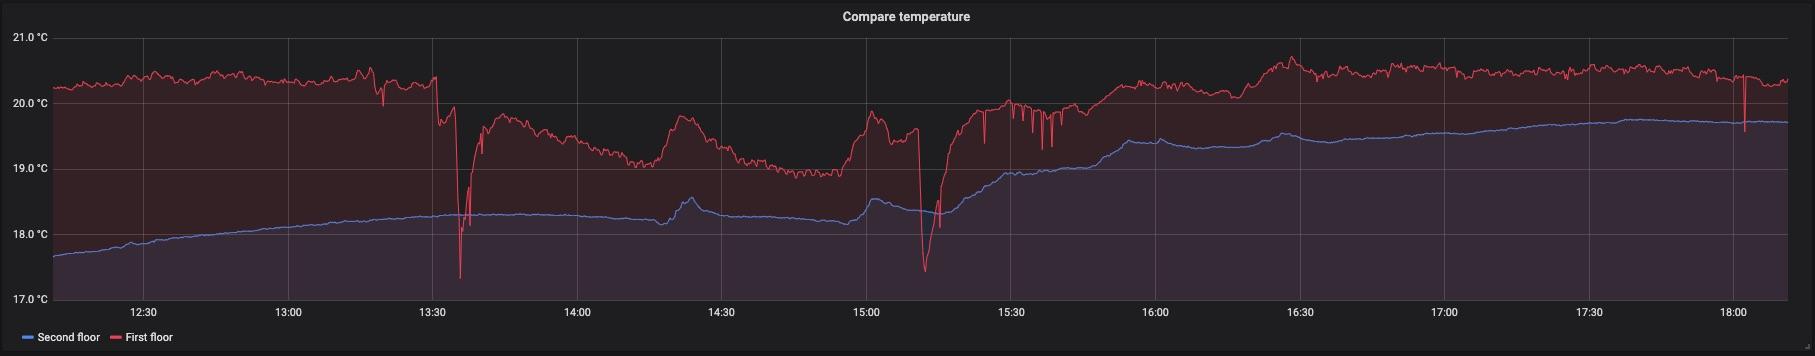 Температура на первом (красный) и на втором (синий) этаже